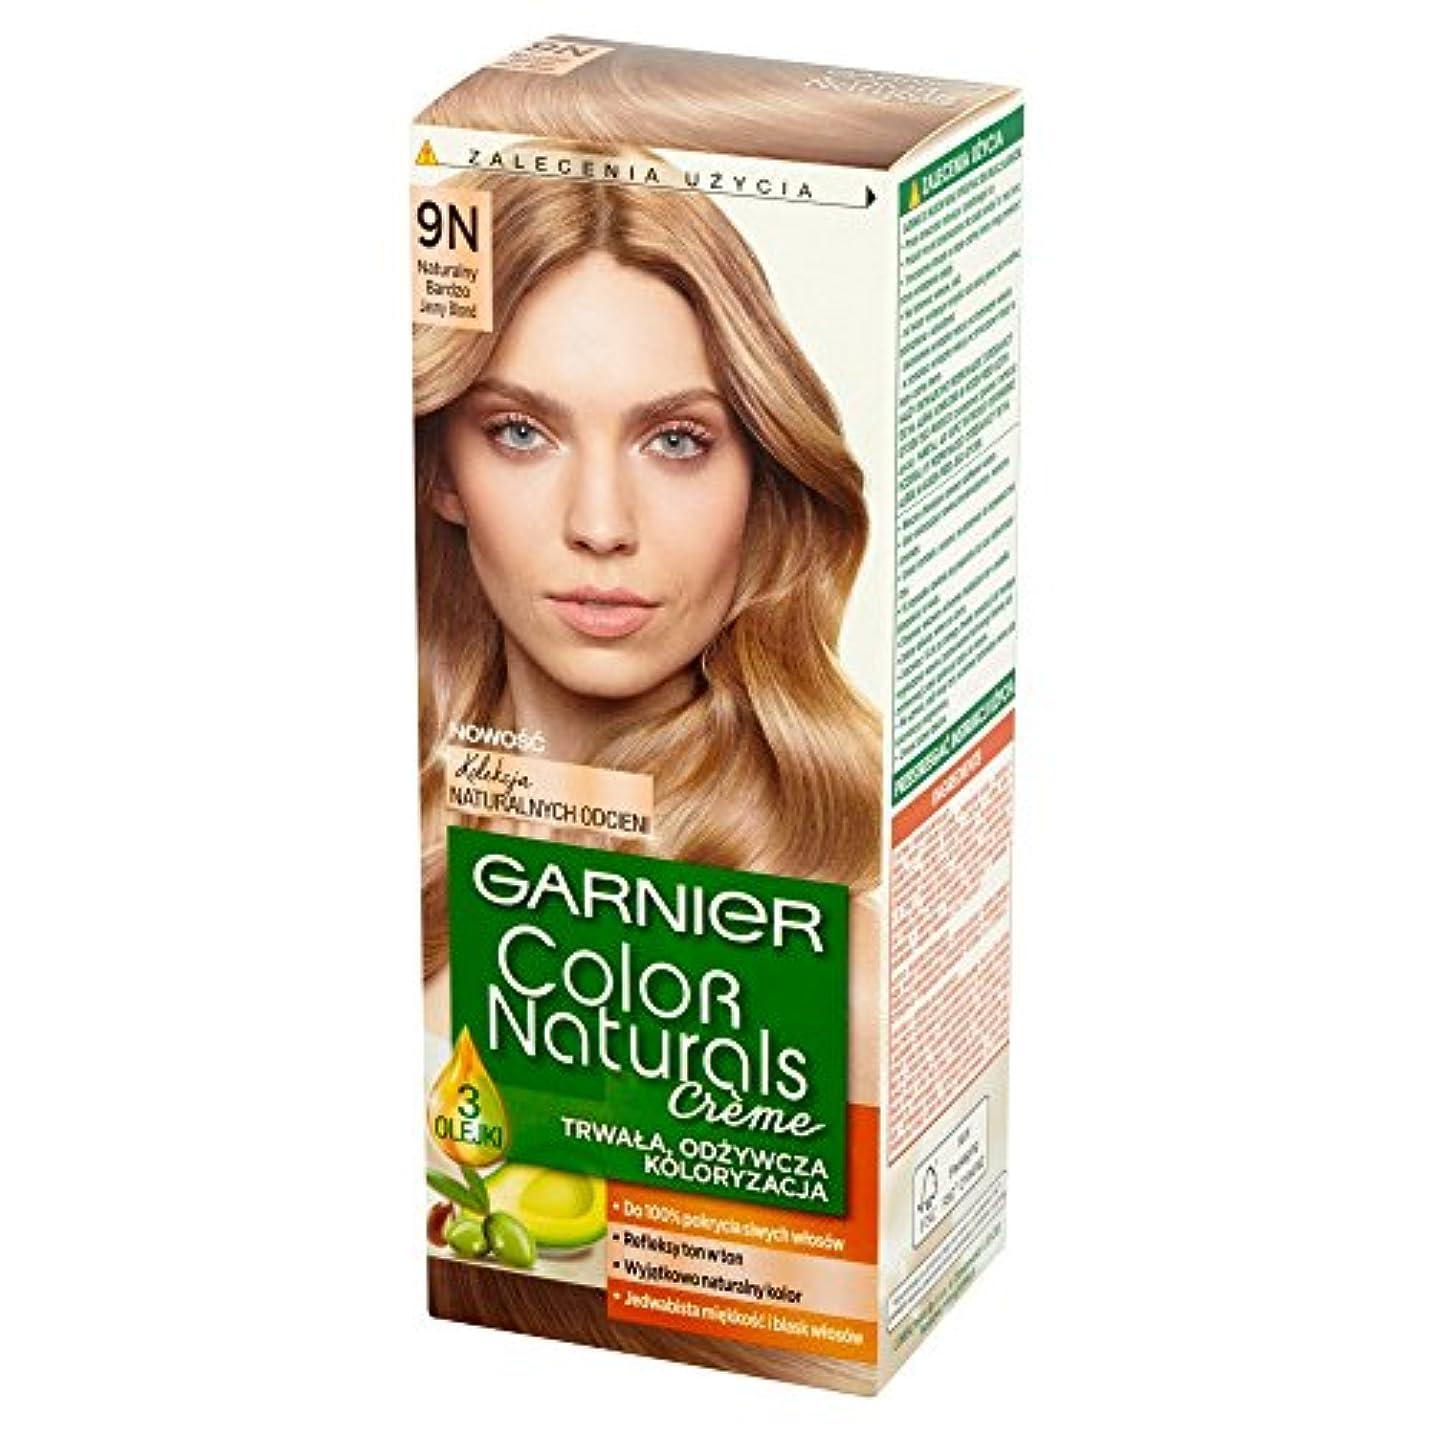 難しい眉をひそめる財政ロレアル Garnier Color Naturals Creme 9N • Natural Light Blonde ブロンドヘアカラークリーム